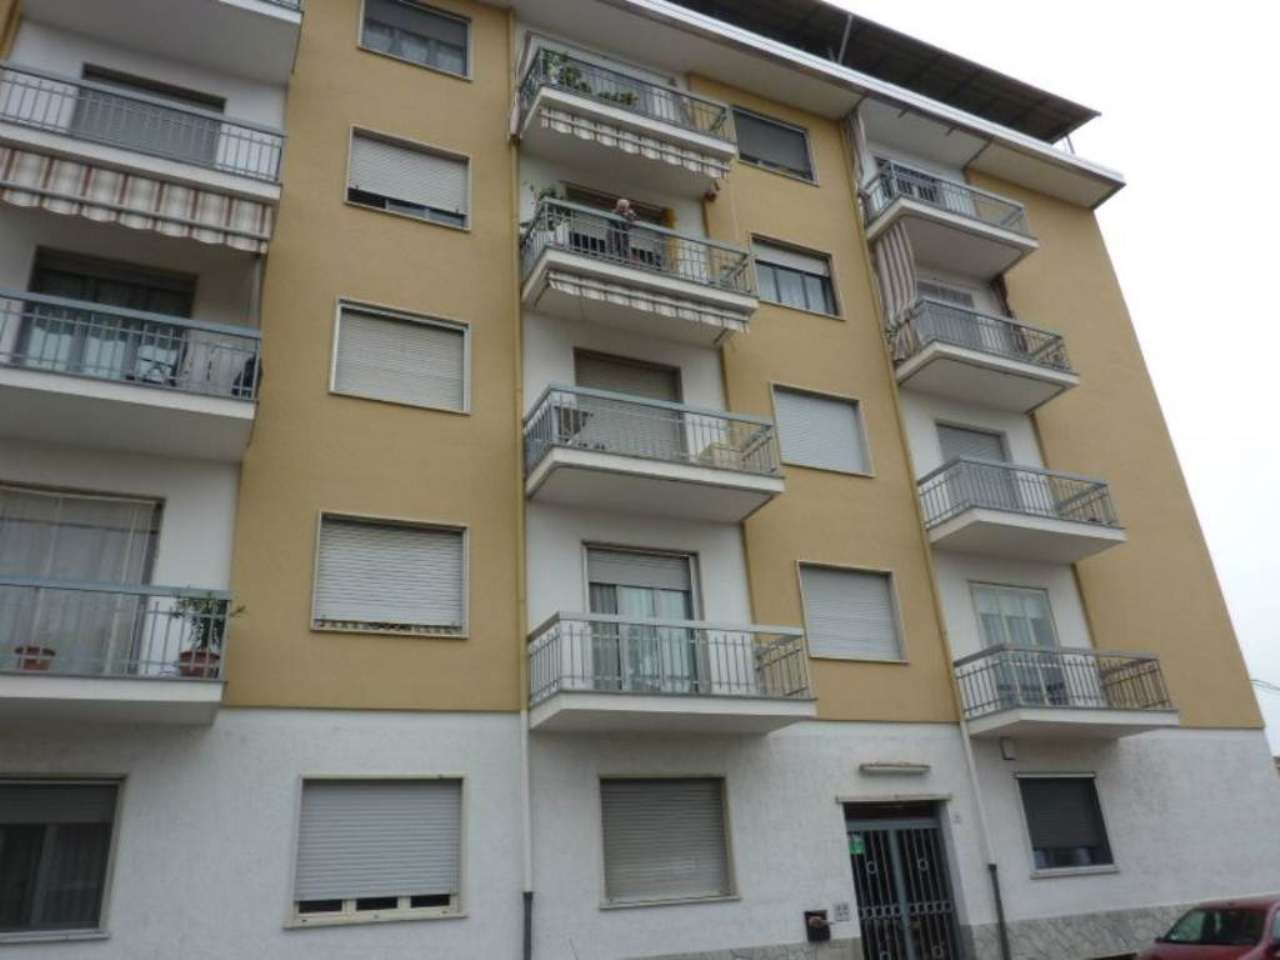 Appartamento in vendita a None, 3 locali, prezzo € 69.000 | Cambio Casa.it